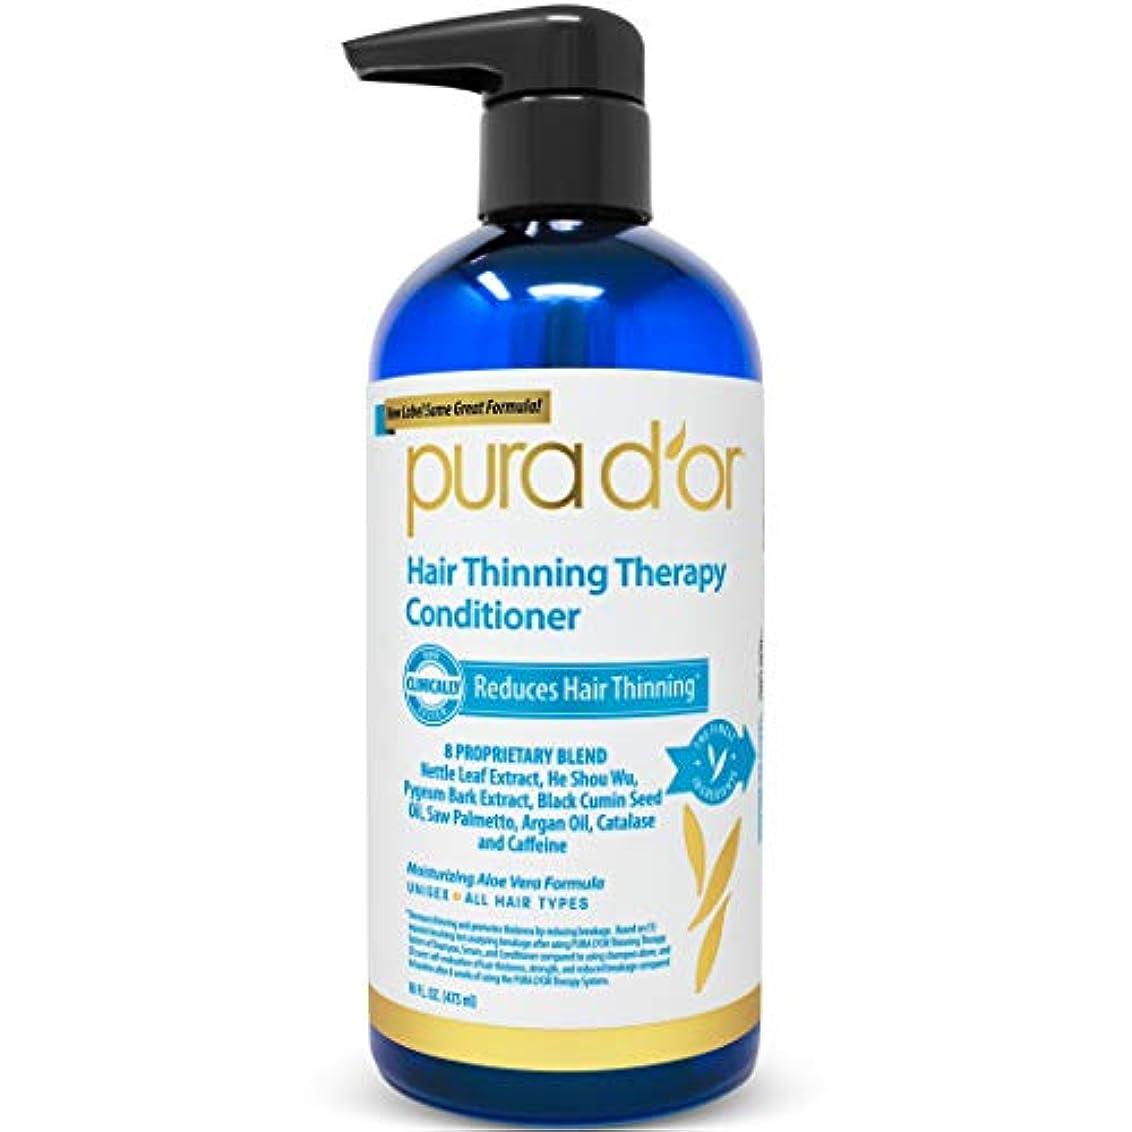 集まるヒロイック錫PURA D'OR アルガンオイル、ビオチン&天然成分を注入された追加された水分、硫酸無料、すべての髪のタイプのため、男性&女性、16液量オンス(梱包が変更になる場合があります)のために髪間伐セラピーコンディショナー